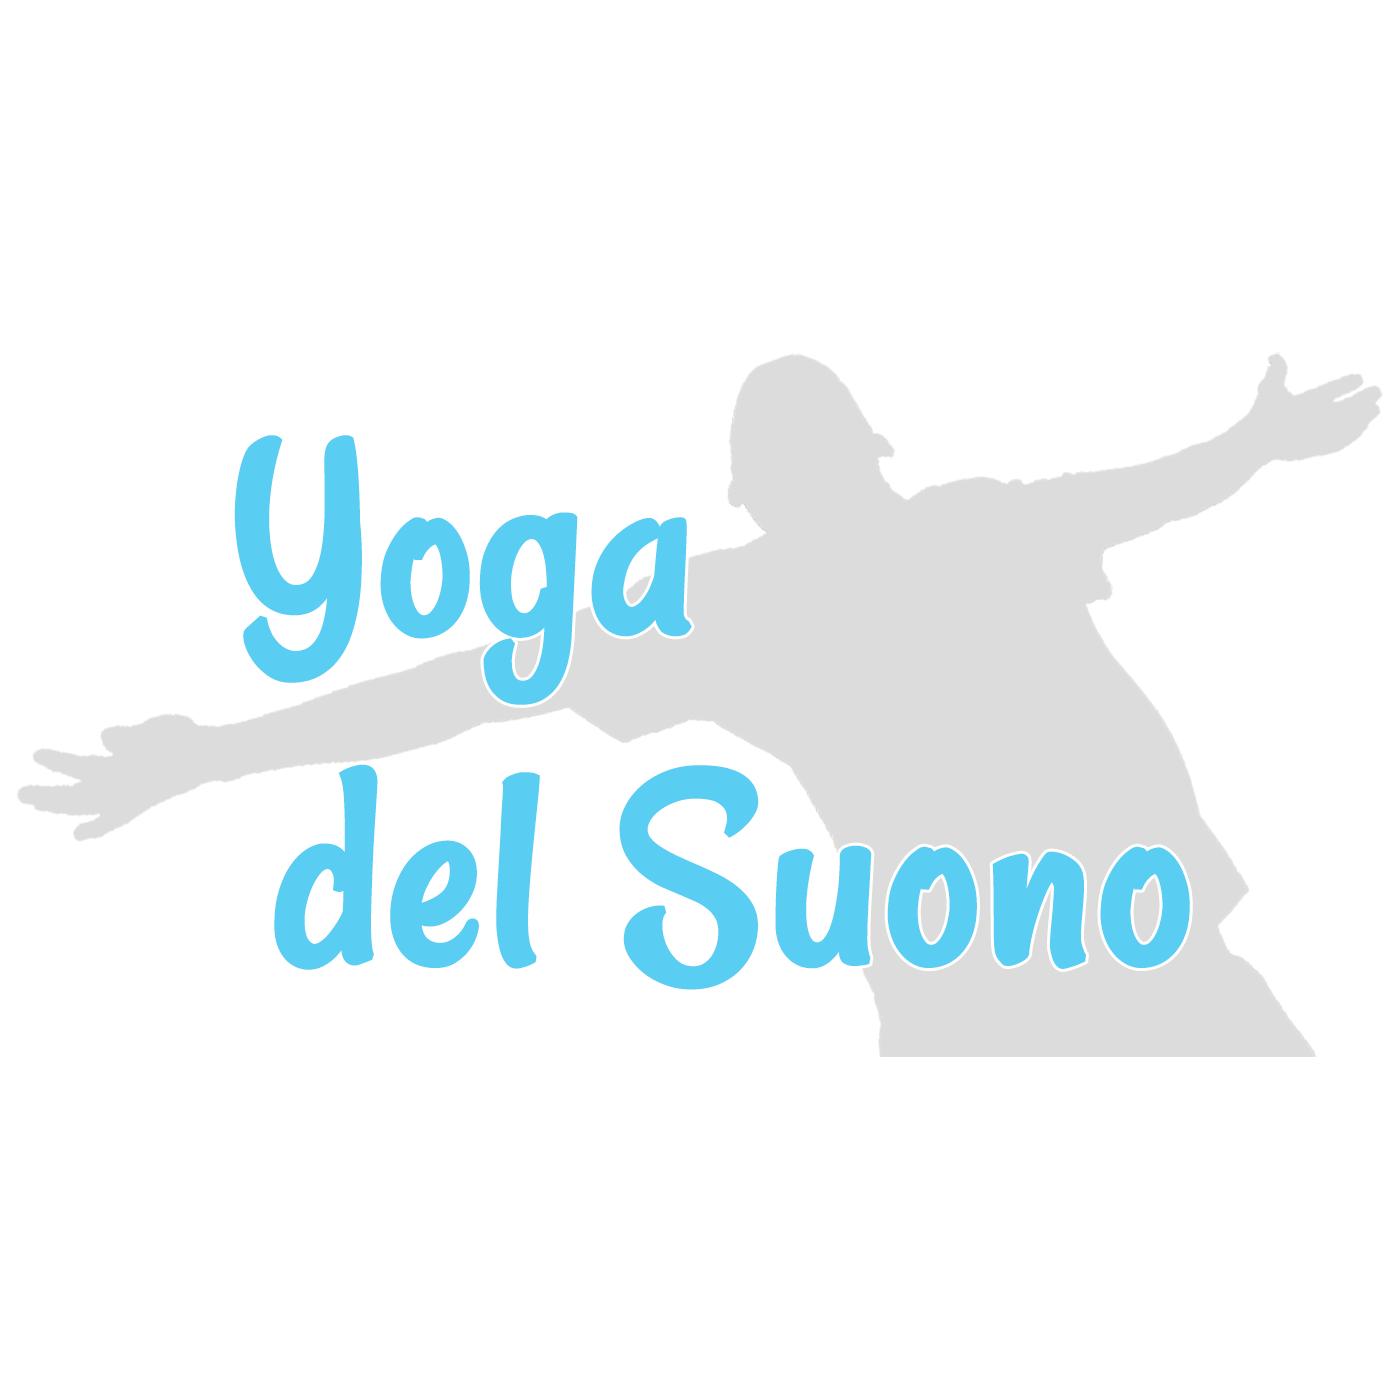 Yogadelsuono.it - Sometimes Radio